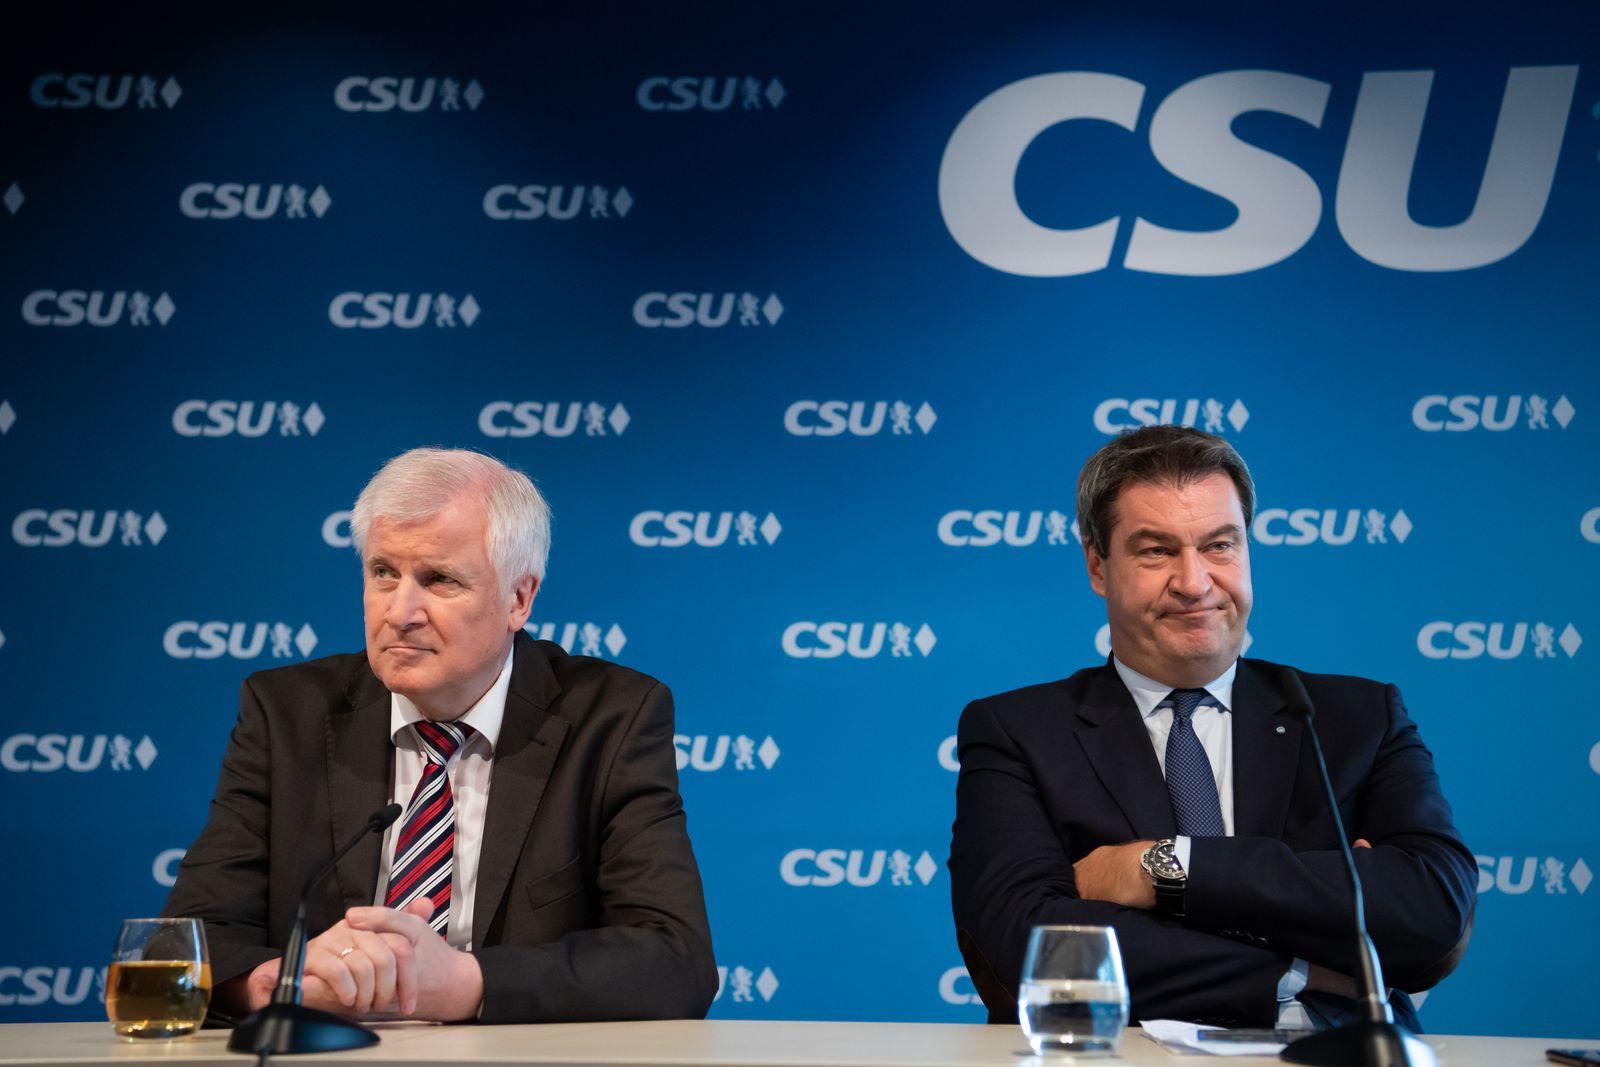 CSU Wahlkampf/ Seehofer/ Söder